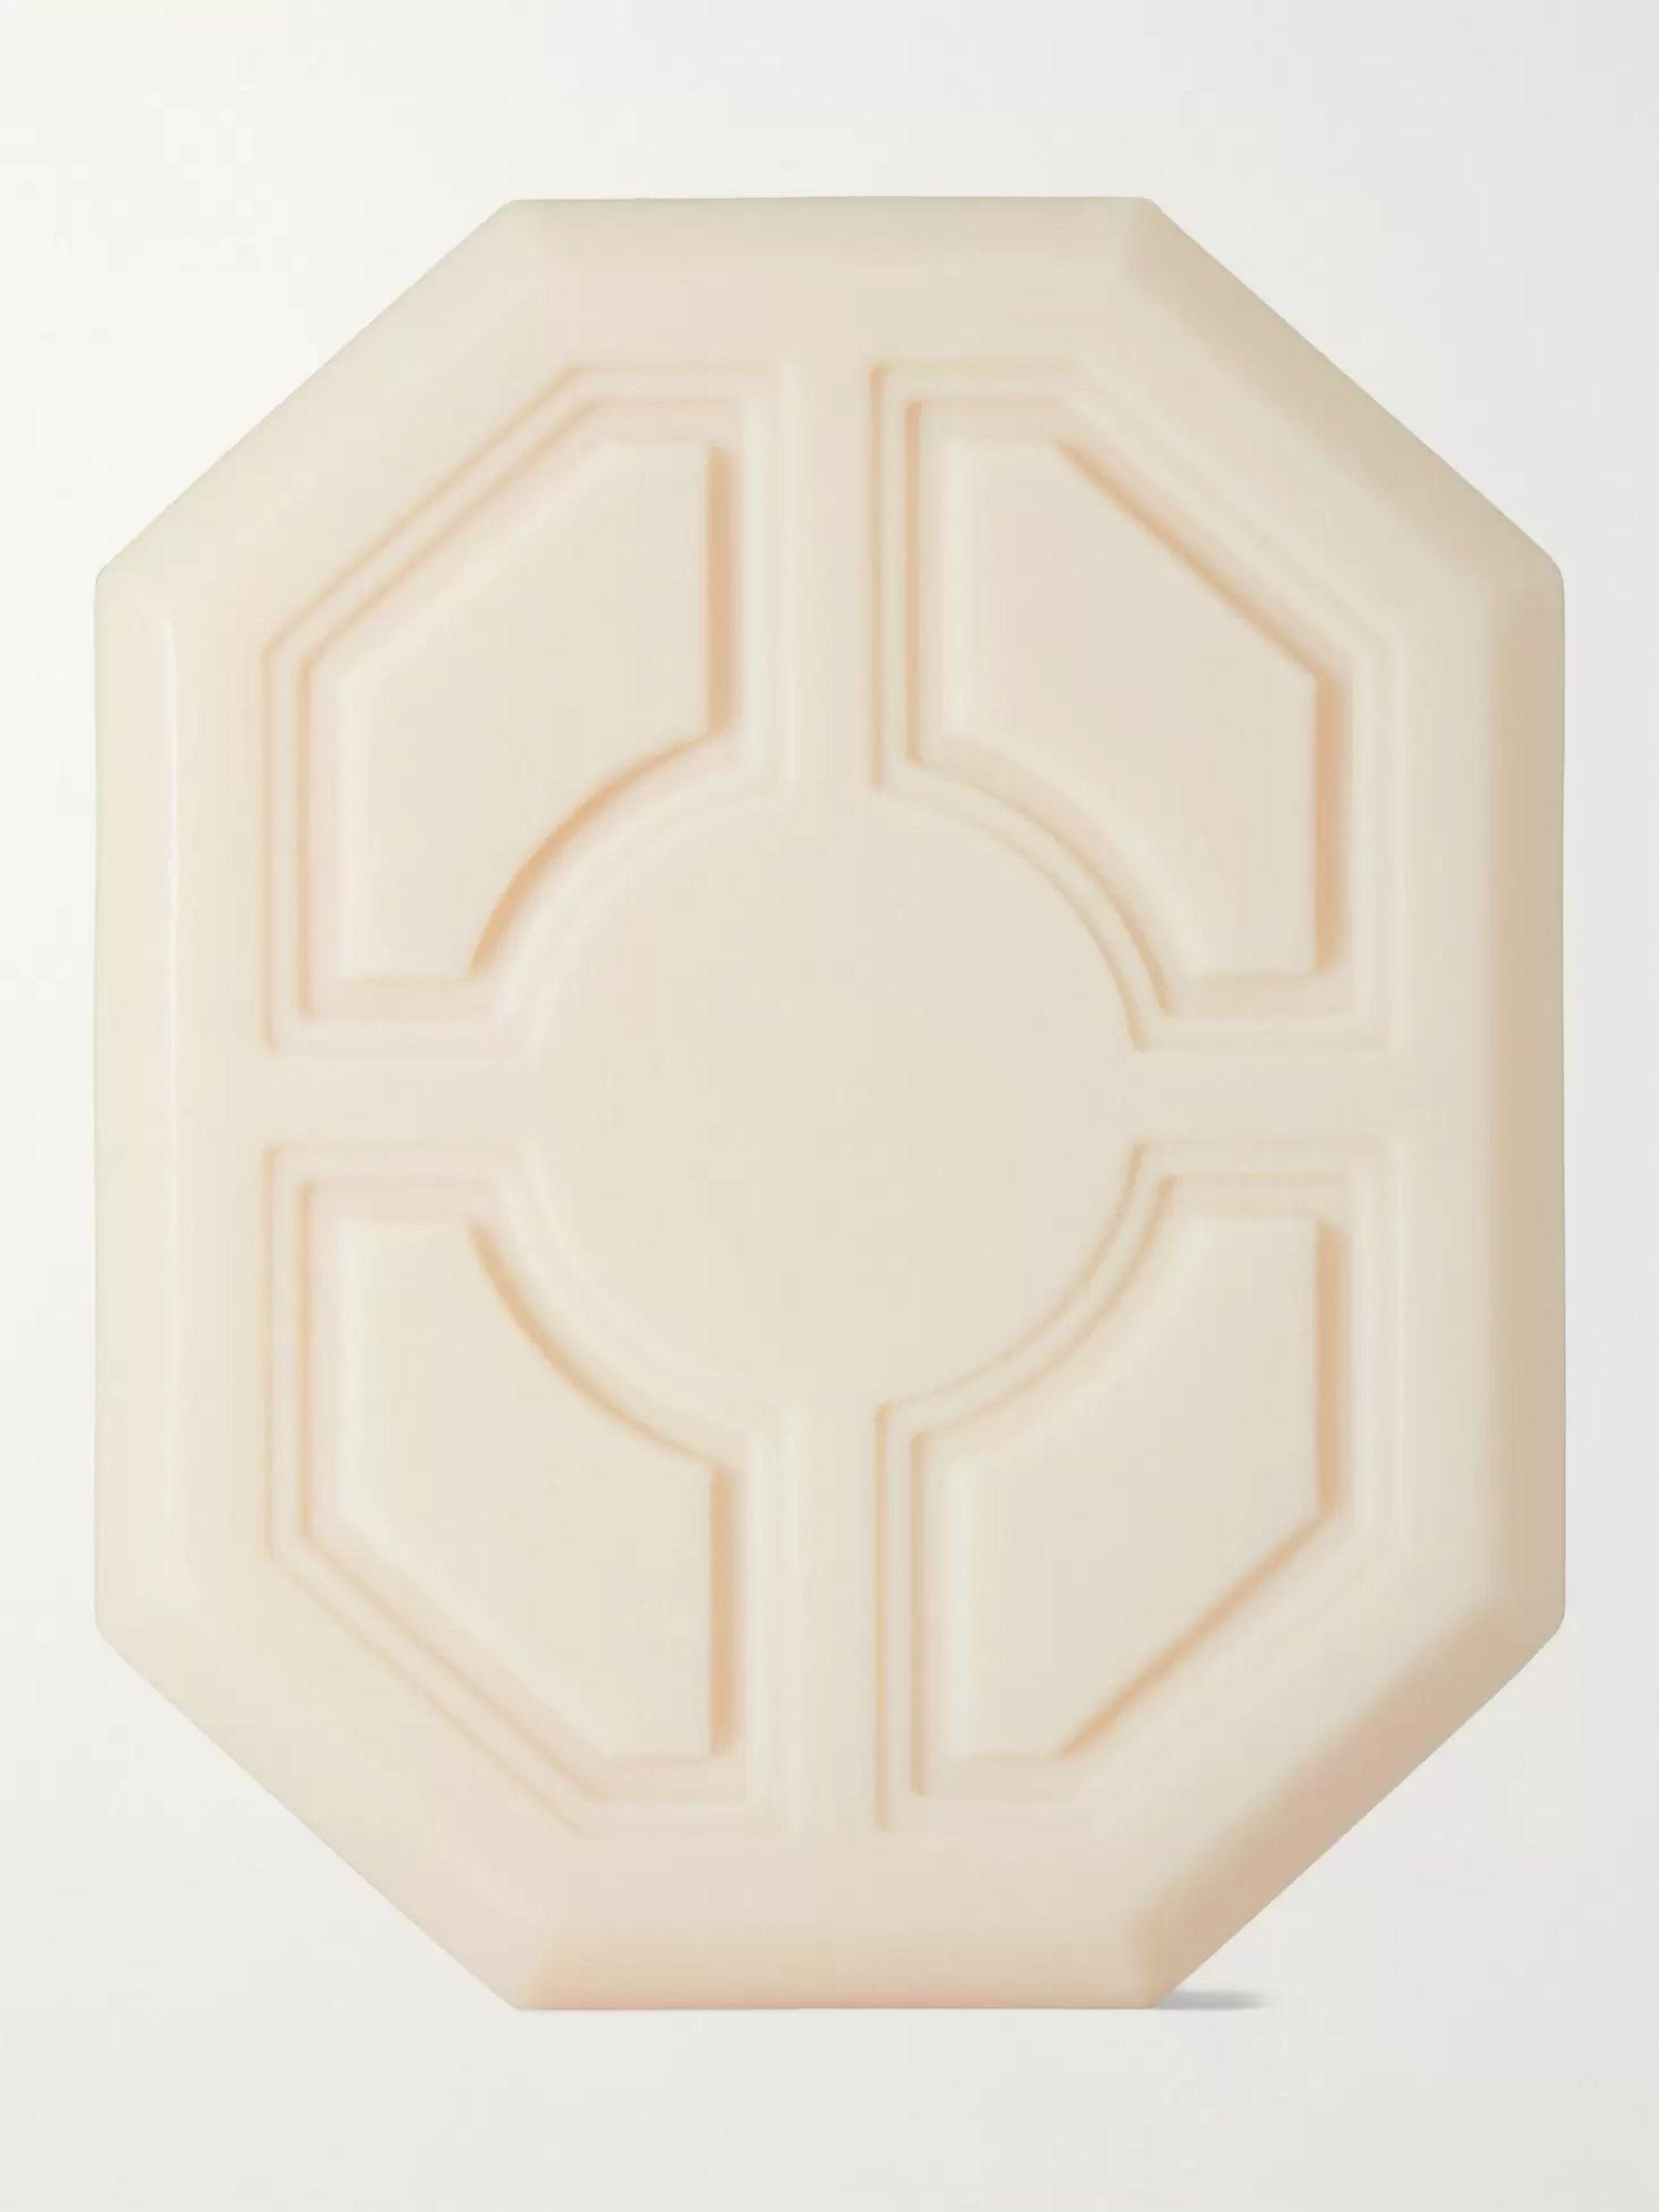 불리1803 사봉 수페팡 '리켄 데코스' 비누 (150g) Buly 1803 Superfin Scottish Lichen Soap